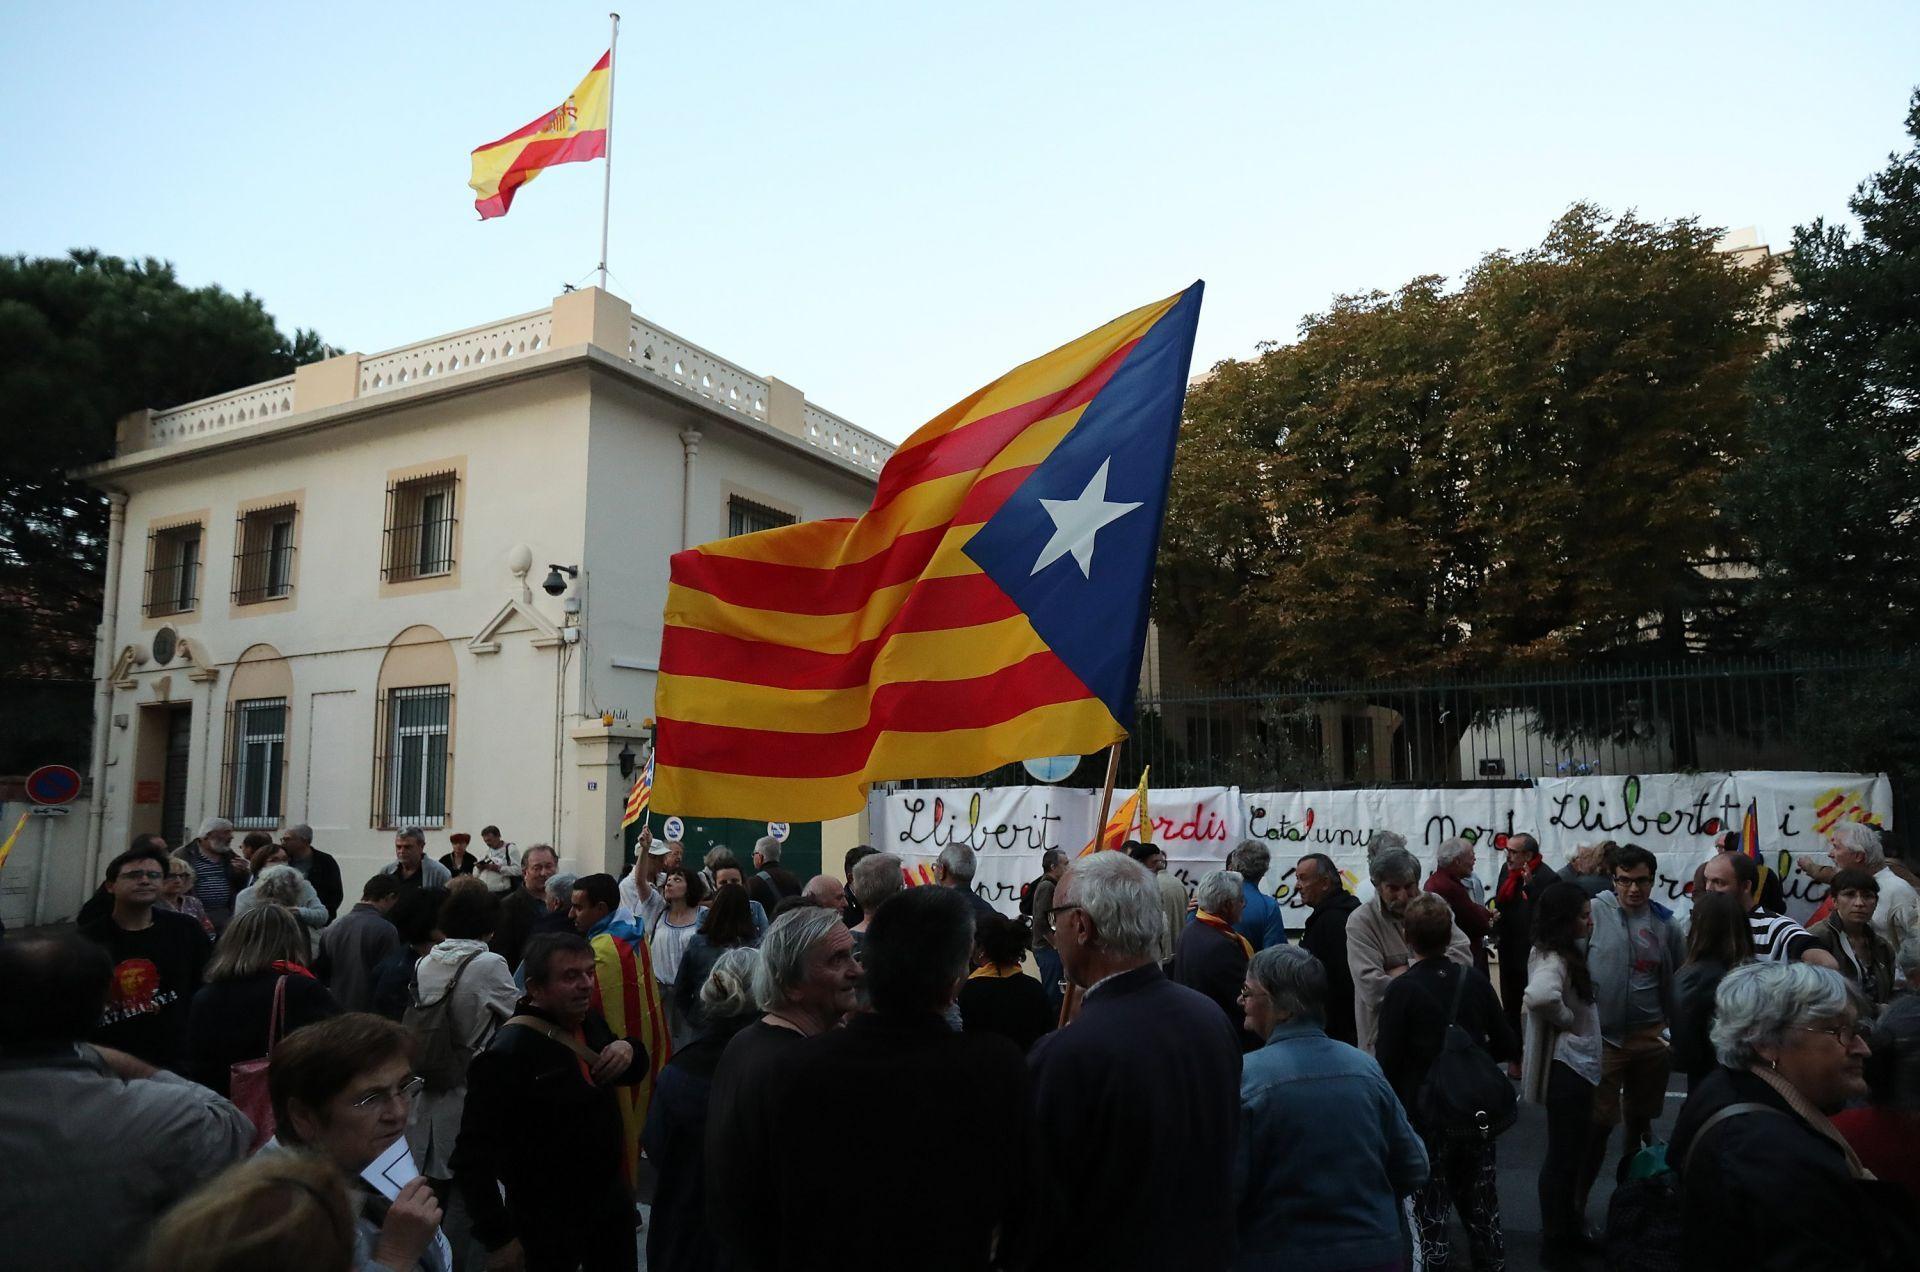 Personas sostienen banderas catalanas y gritan consignas durante una manifestación